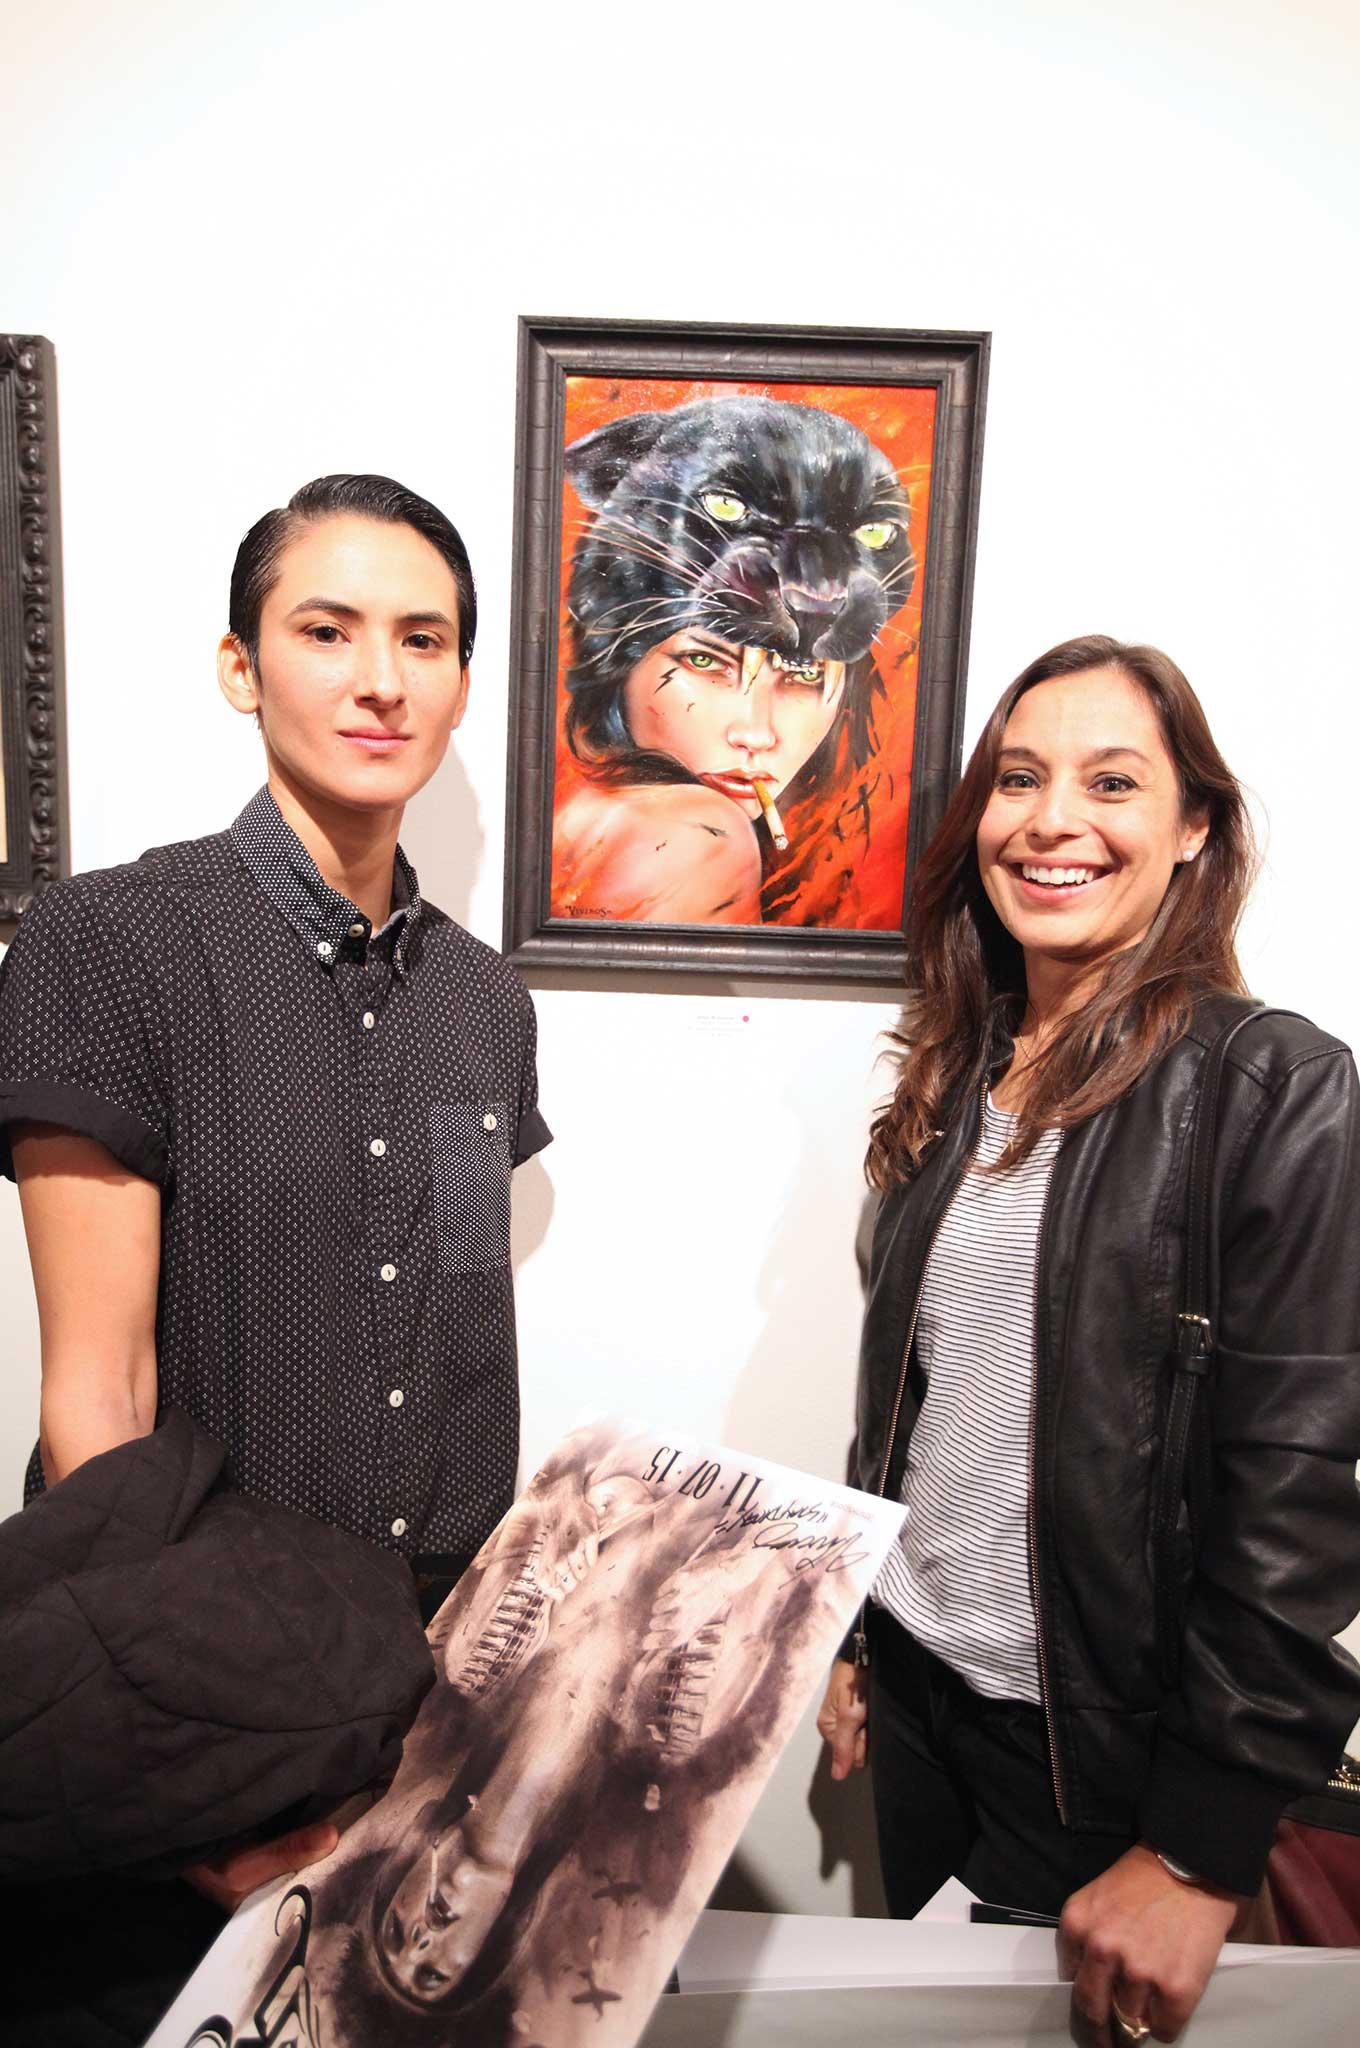 matador art exhibition flavia amber 005